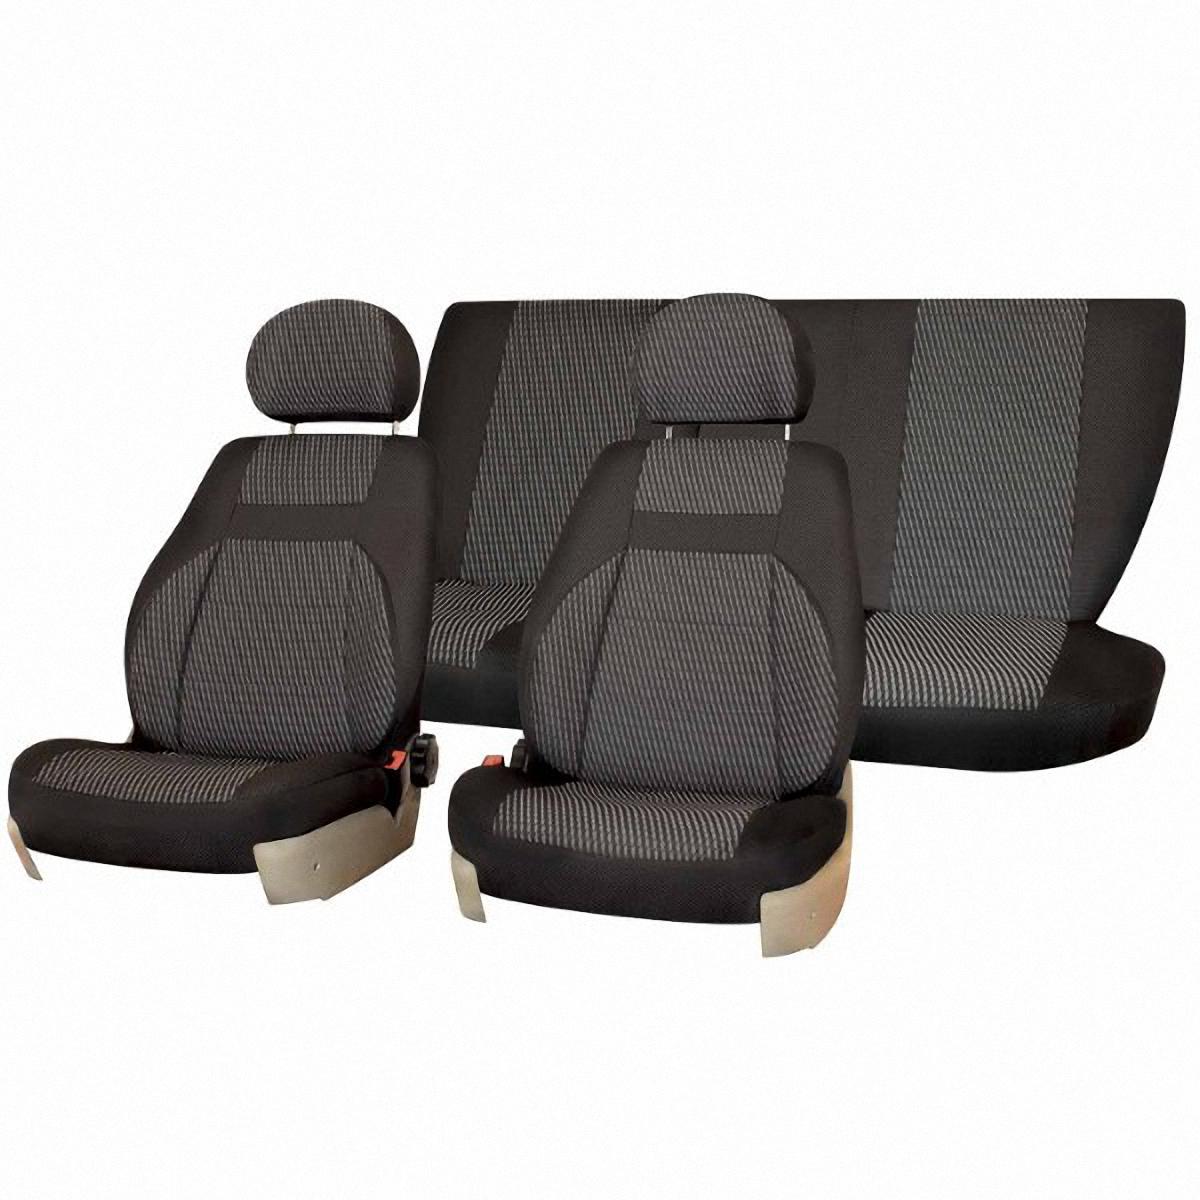 Чехлы автомобильные Skyway, для NIVA ВАЗ-2121 2006-V002-D2Автомобильные чехлы Skyway изготовлены из качественного жаккарда. Чехлы идеально повторяют штатную форму сидений и выглядят как оригинальная обивка сидений. Разработаны индивидуально для каждой модели автомобиля. Авточехлы Skyway просты в уходе - загрязнения легко удаляются влажной тканью. Чехлы имеют раздельную схему надевания. В комплекте 8 предметов.